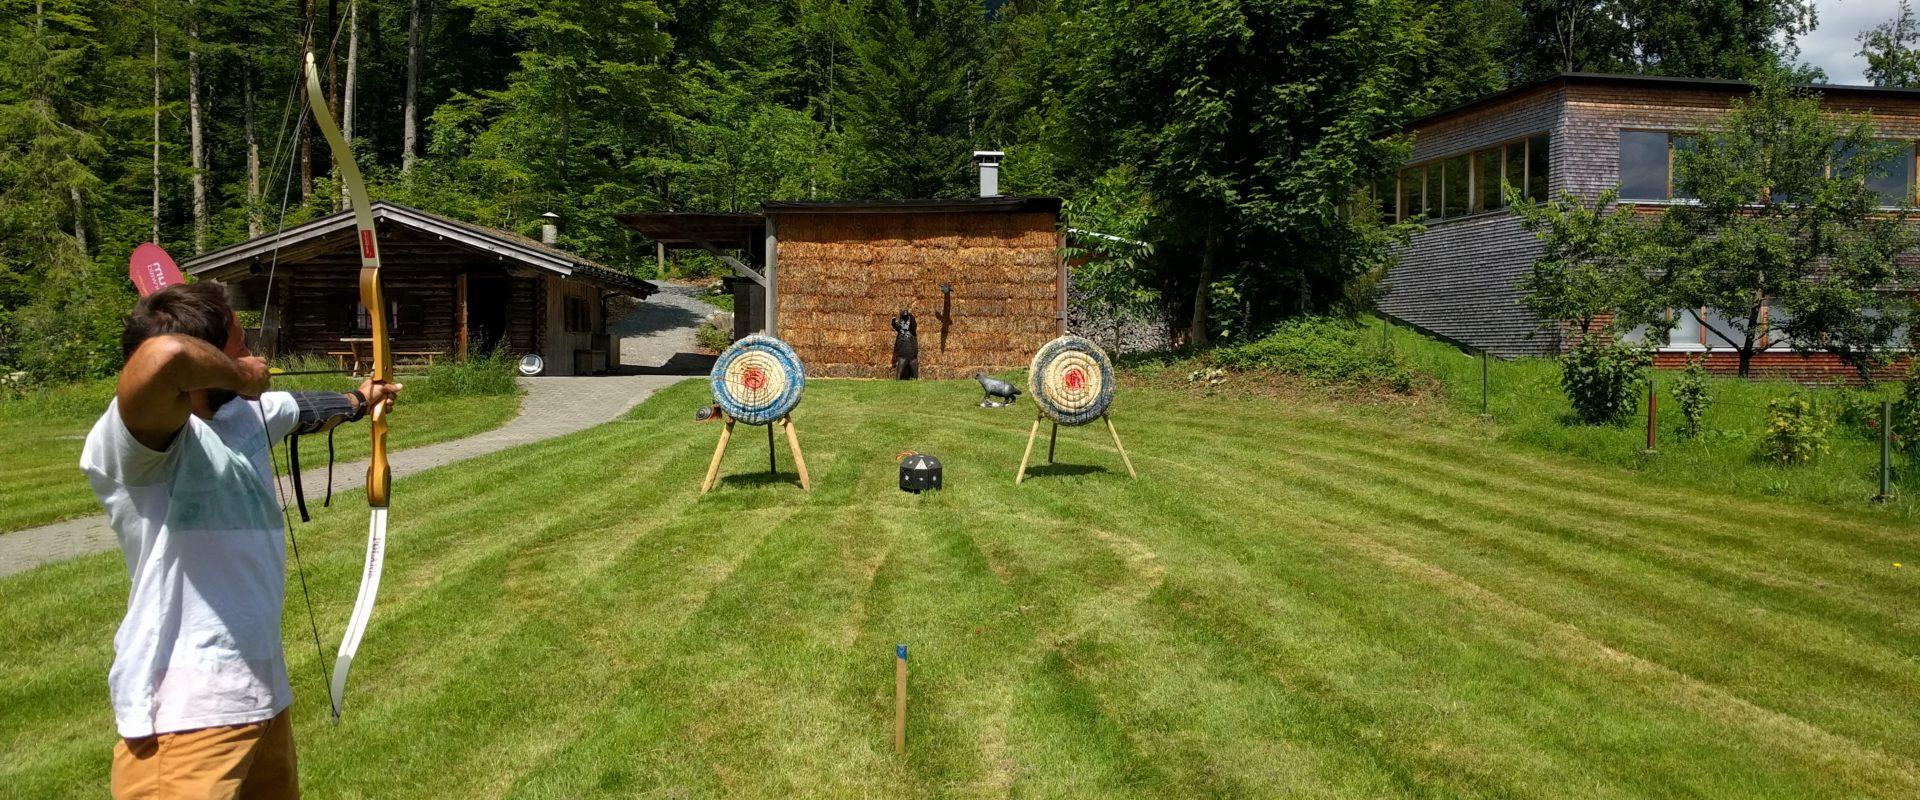 Bogenschießen AktivZentrum Bregenzerwald © Schmelzinger - Aktivzentrum Bregenzerwald (2)